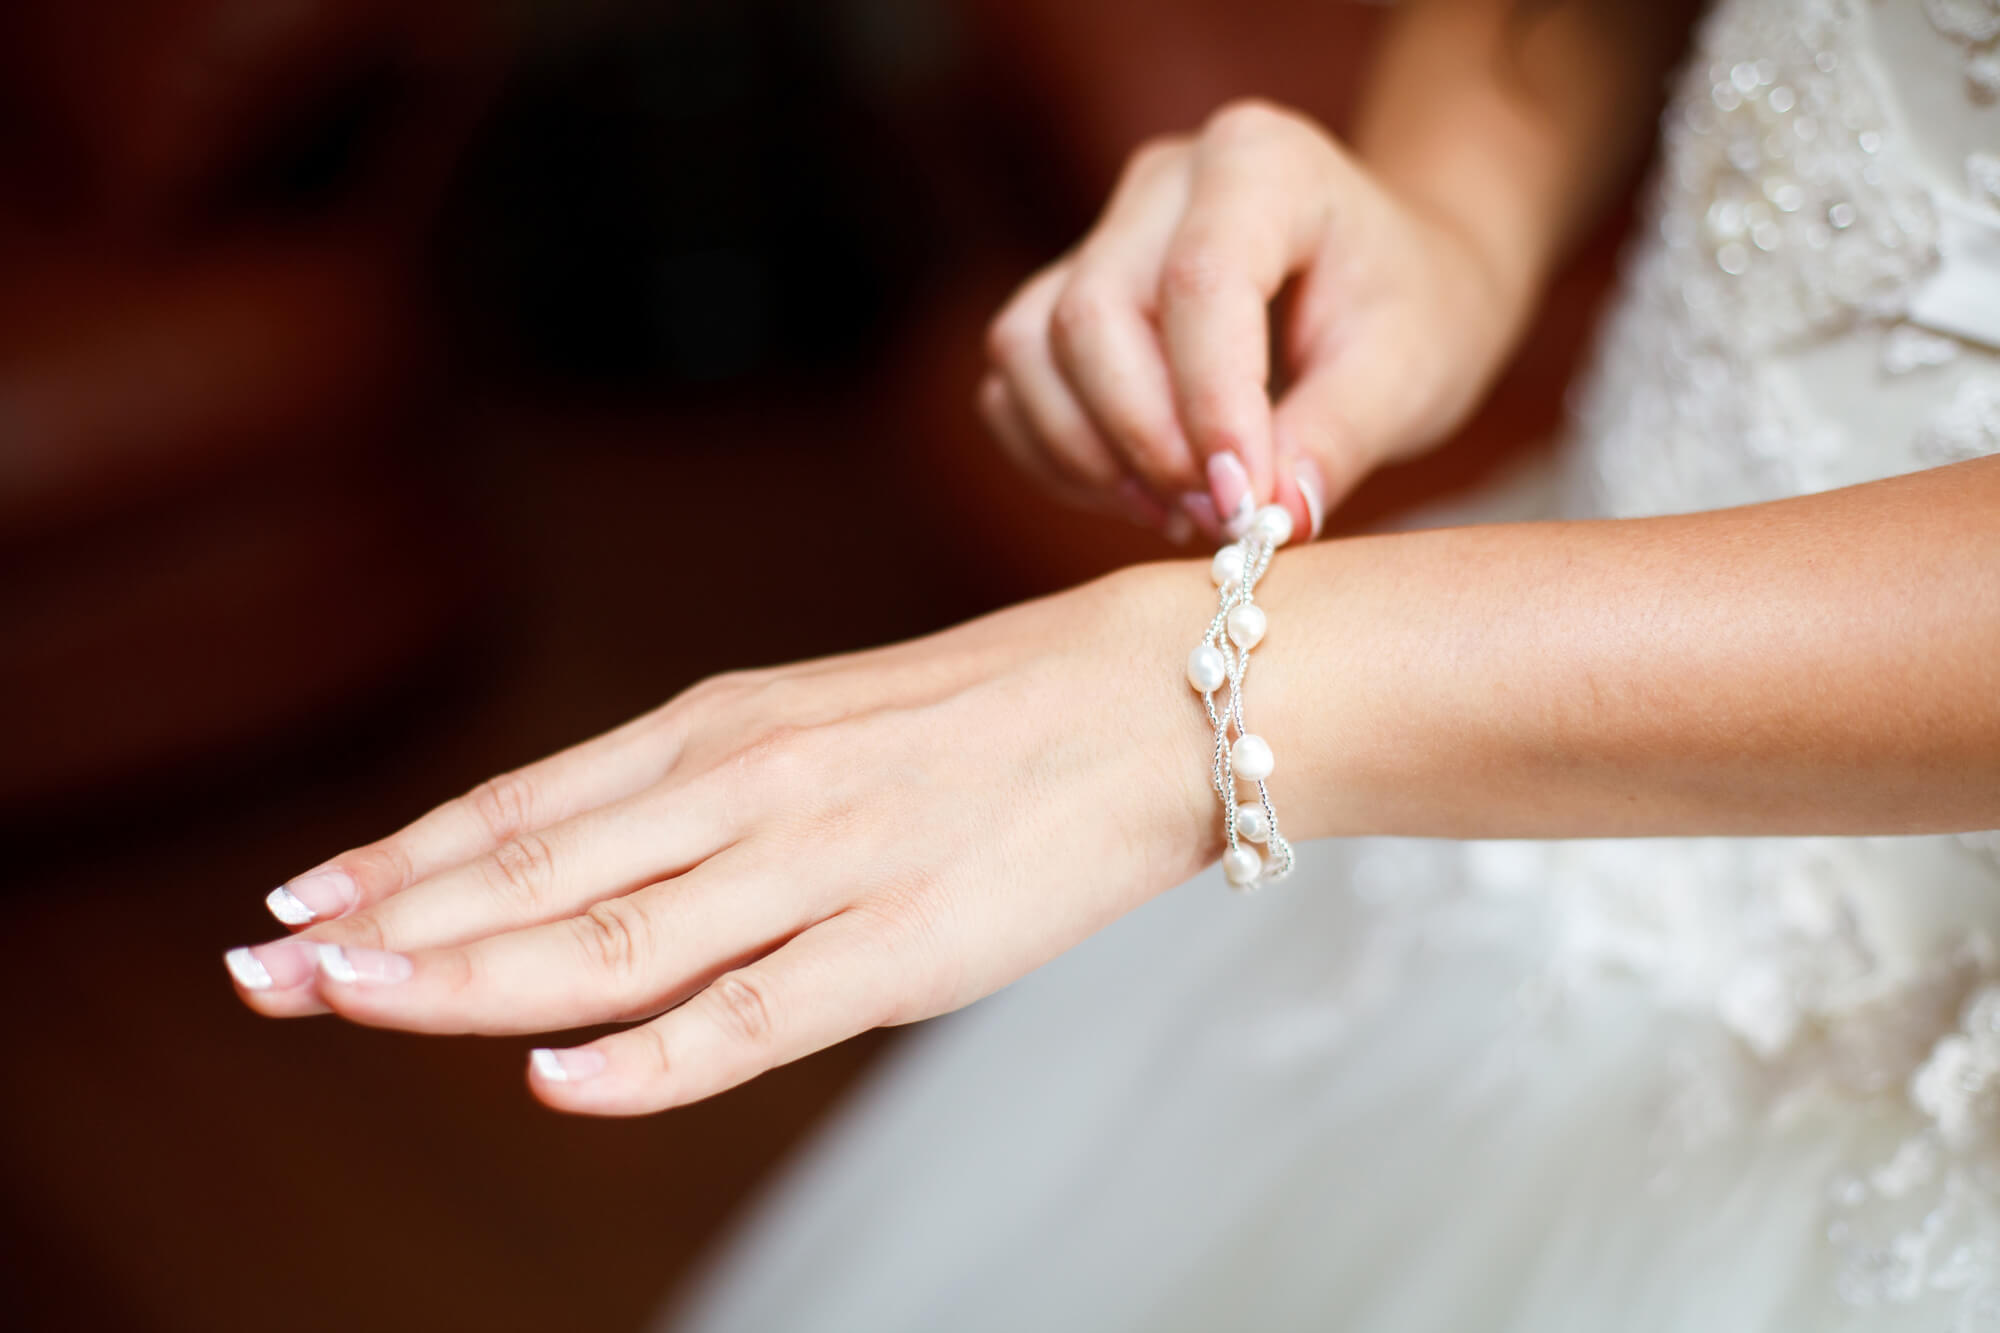 水晶のブレスレットを着ける手